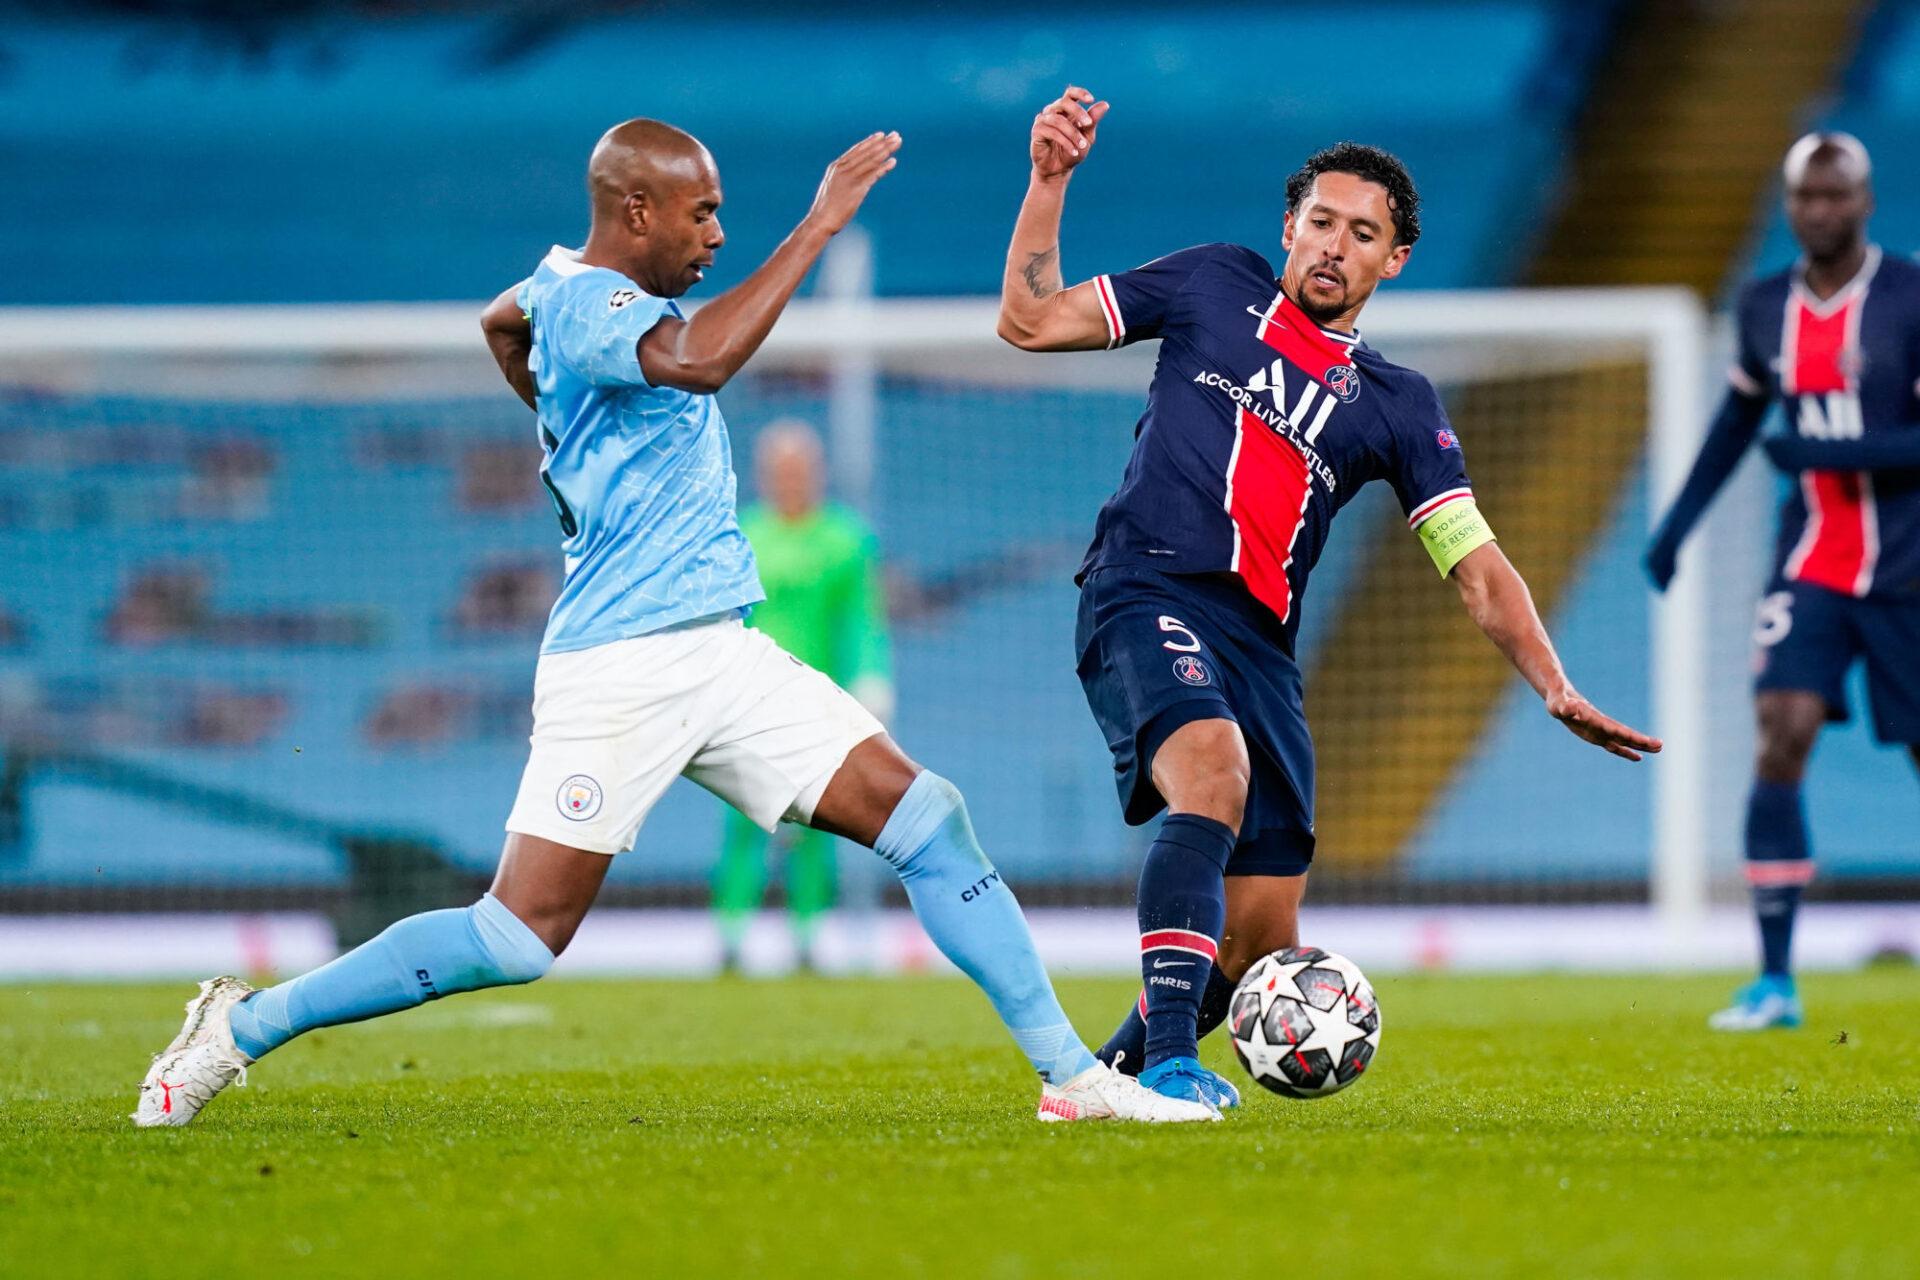 Le PSG de Manchester City voudra prendre sa revanche sur le Manchester City de Fernandinho. Icon Sport